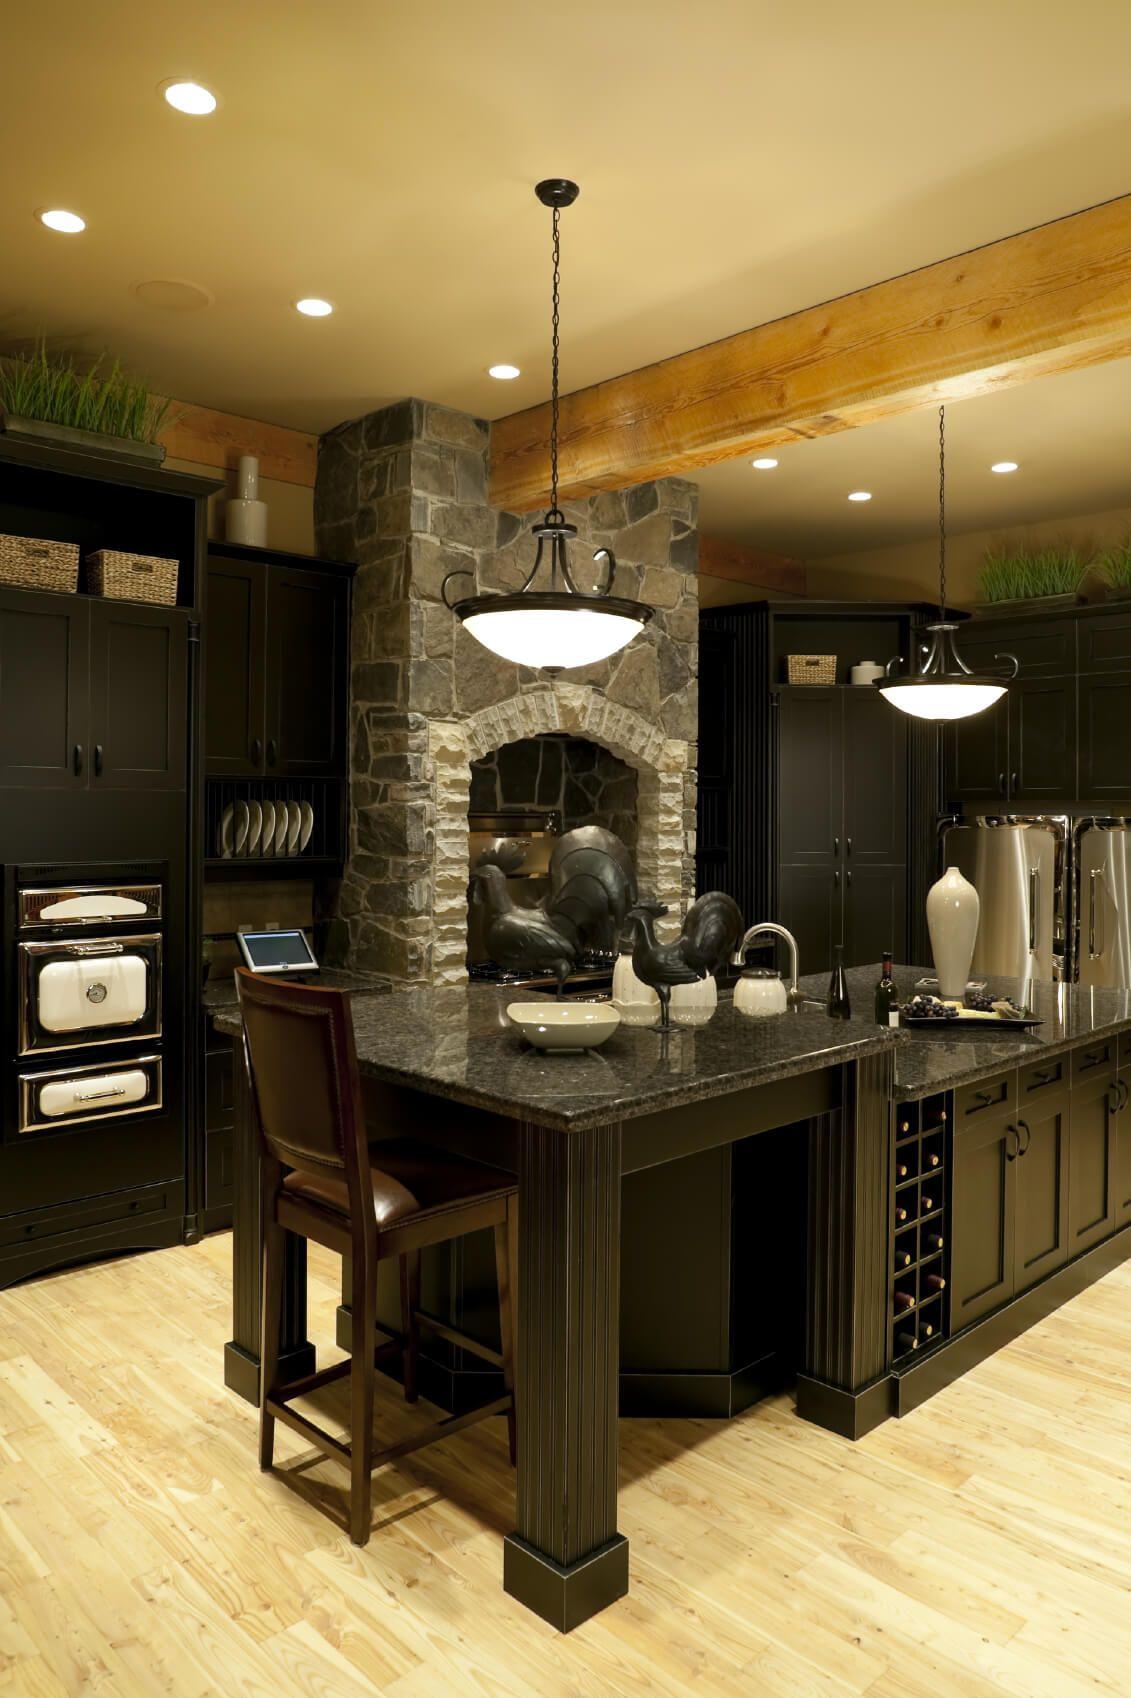 52 Dark Kitchens With Dark Wood Or Black Kitchen Cabinets 2020 Dark Kitchen Black Kitchens Dark Wood Kitchen Cabinets